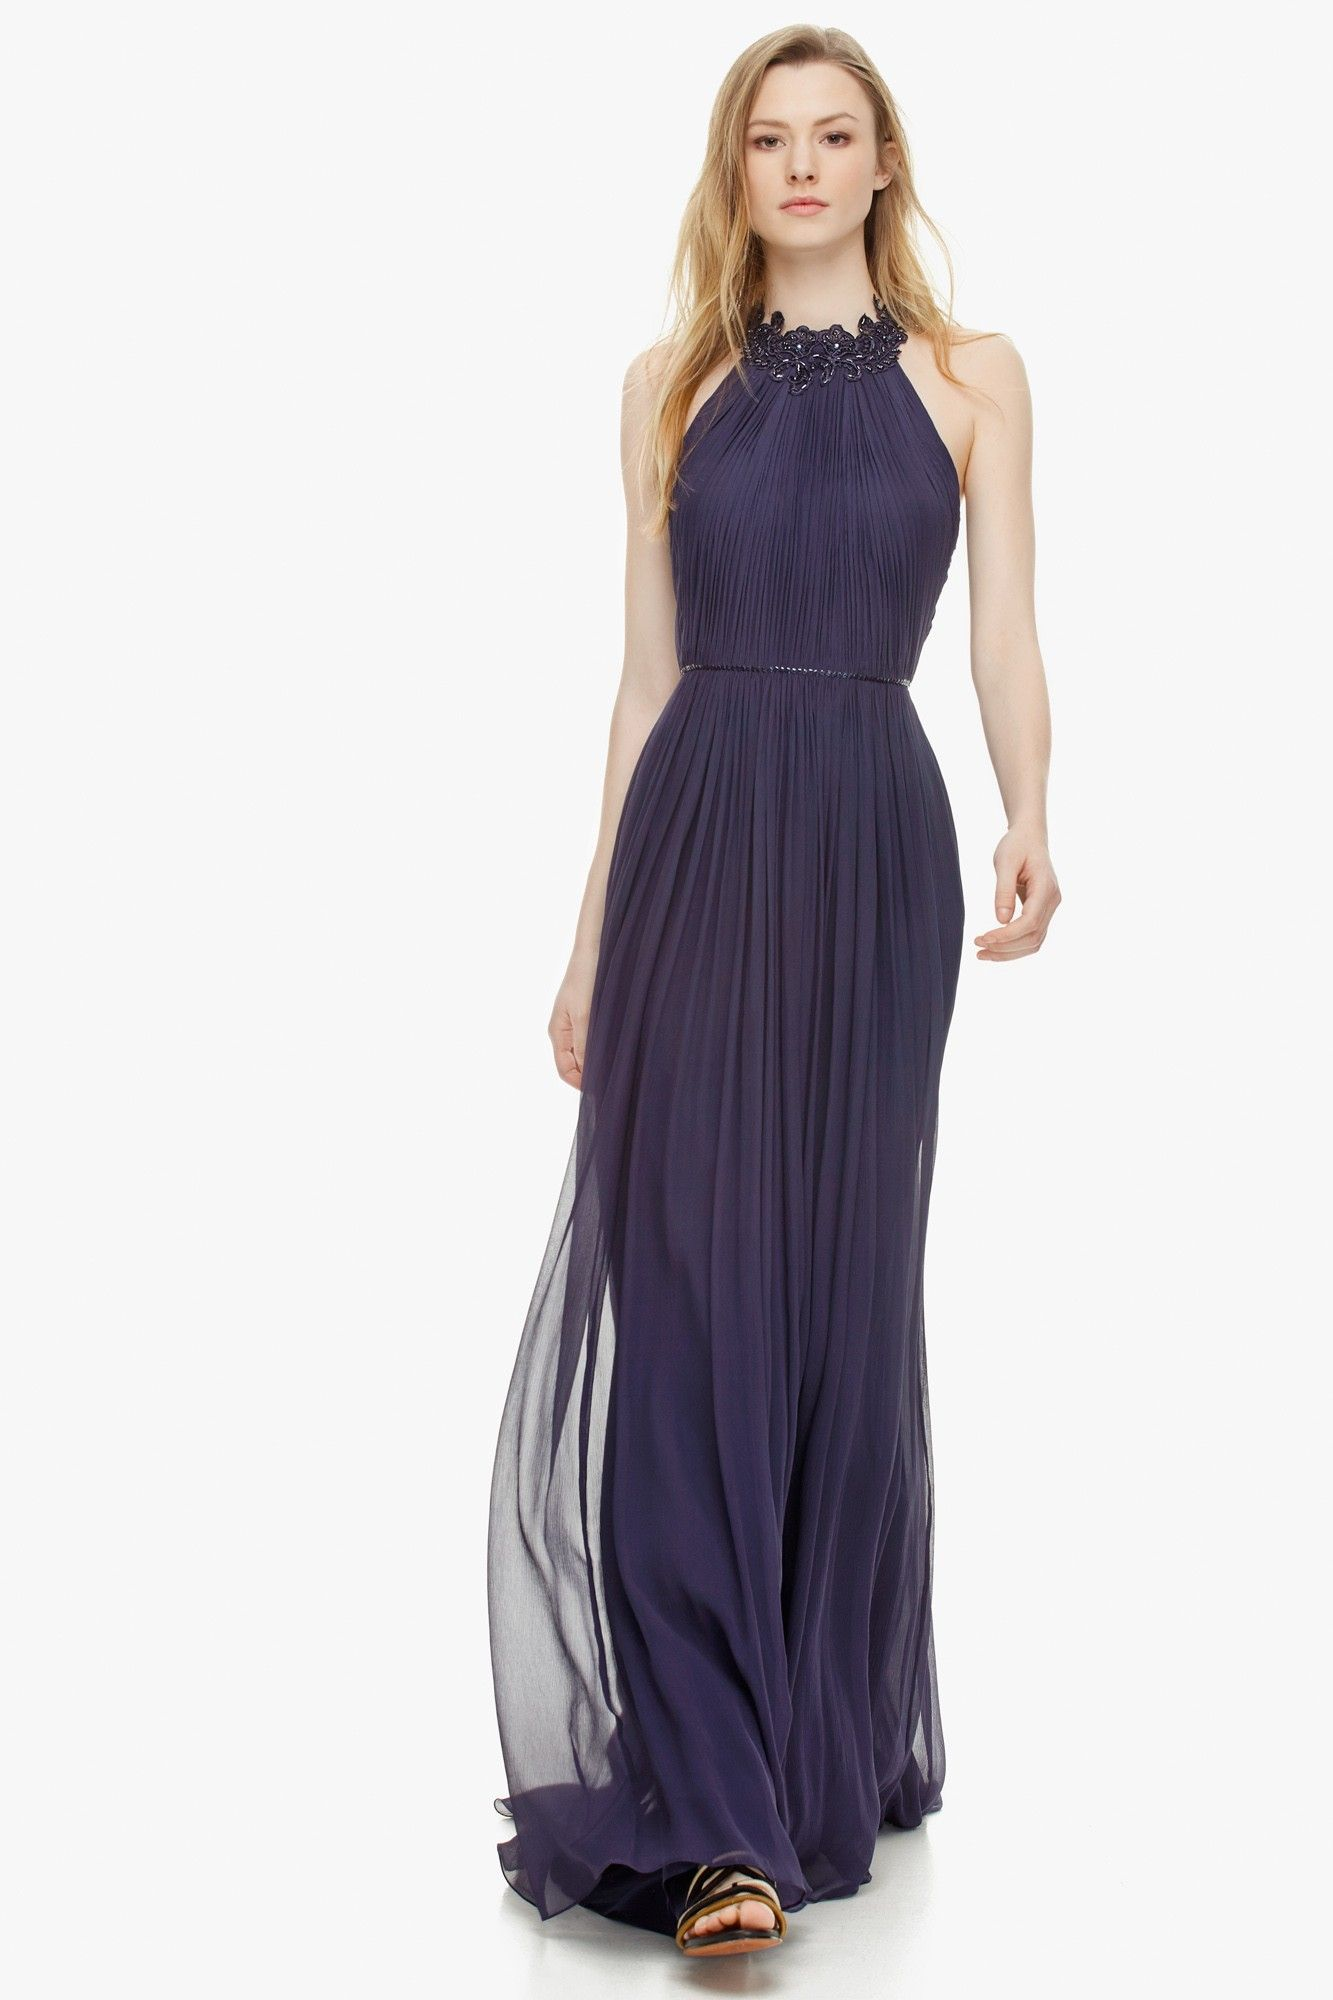 Vestido de seda y escote halter bordado vestidos for Vestidos adolfo dominguez outlet online